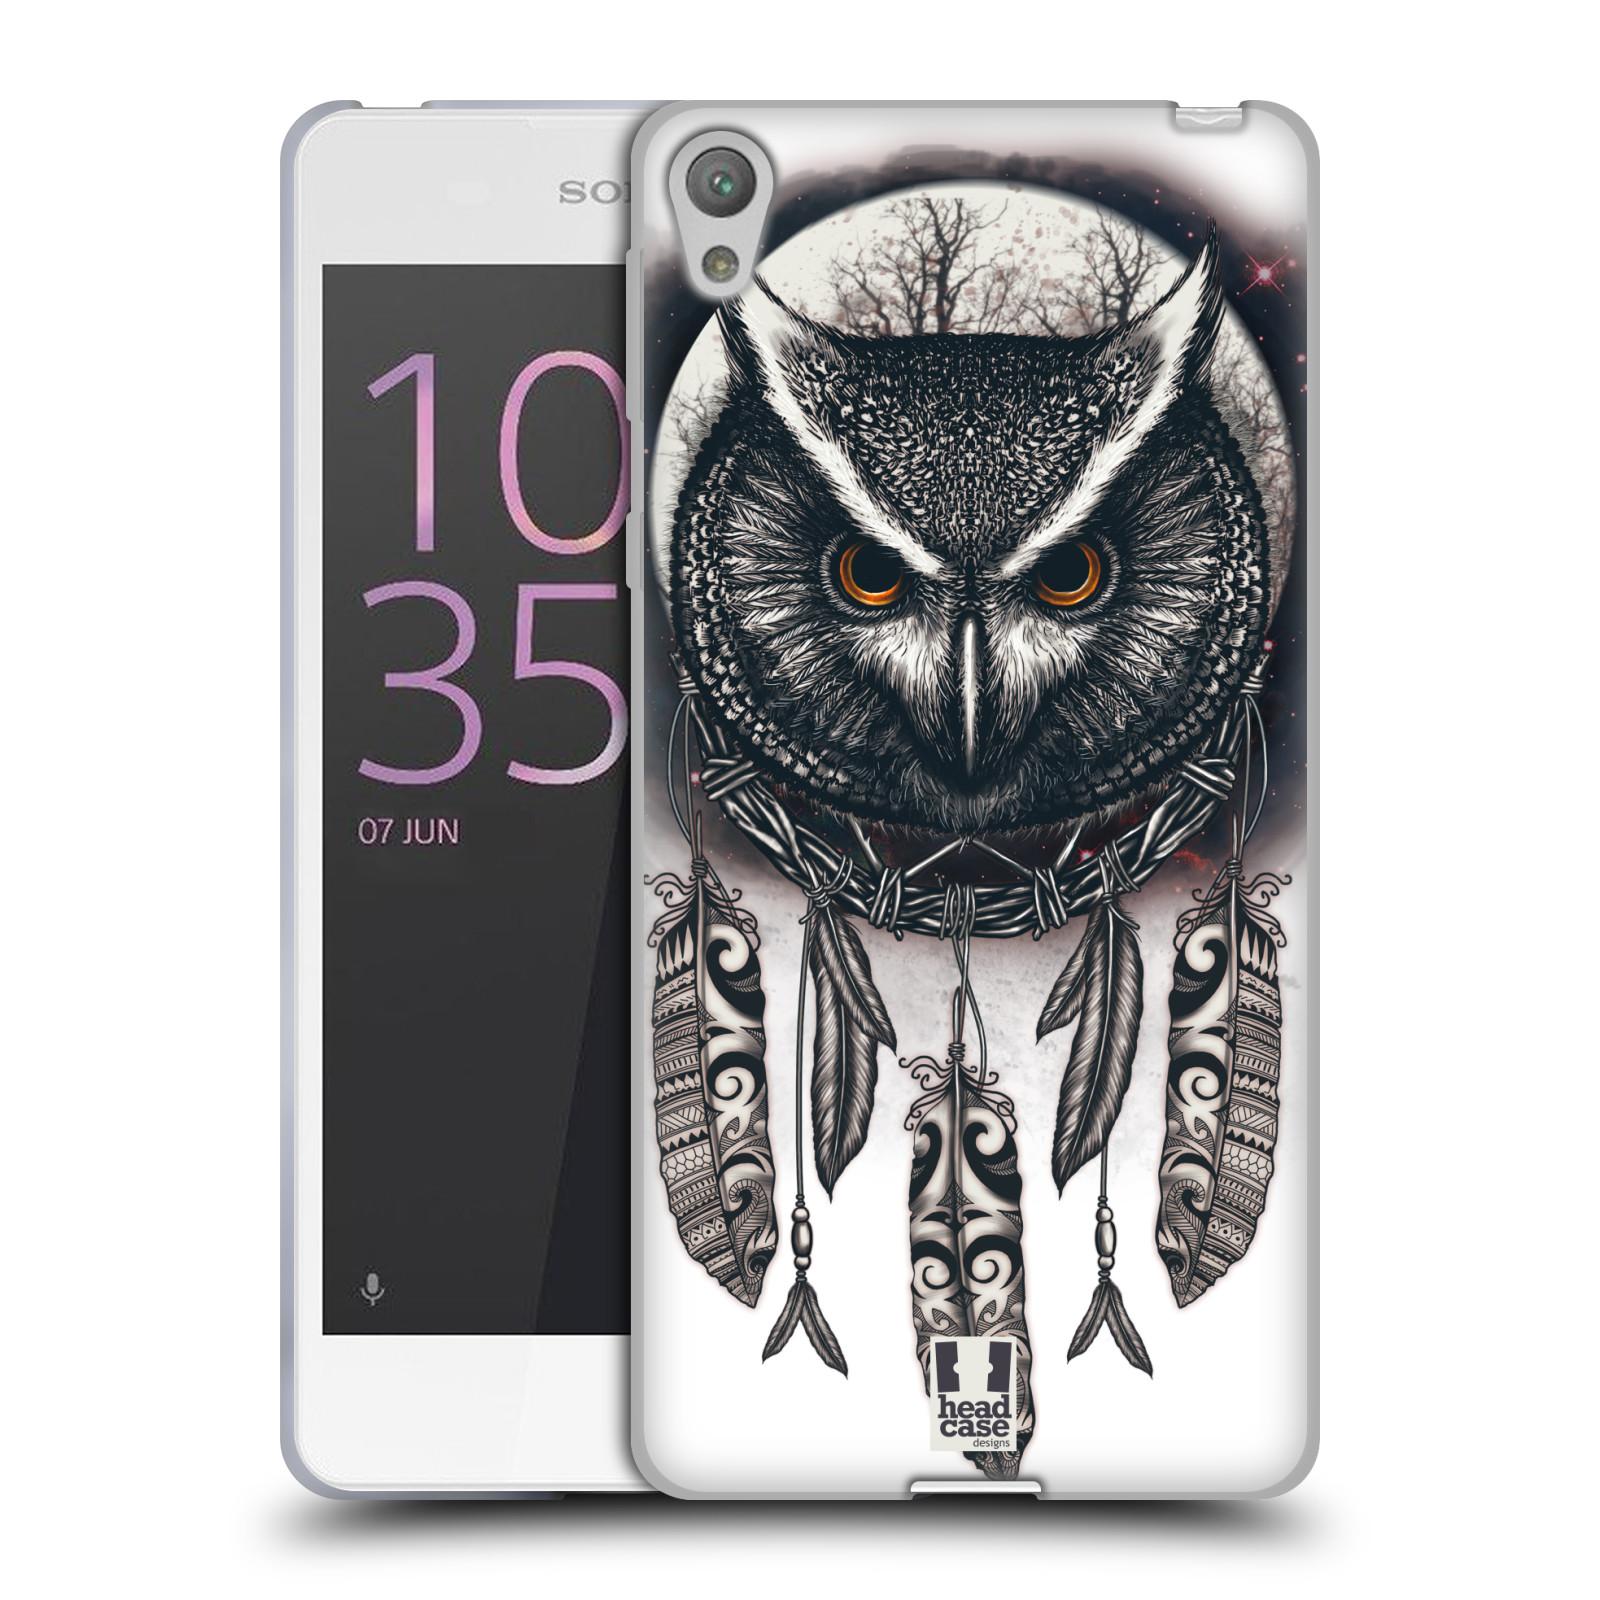 Silikonové pouzdro na mobil Sony Xperia E5 - Head Case - Soví lapač